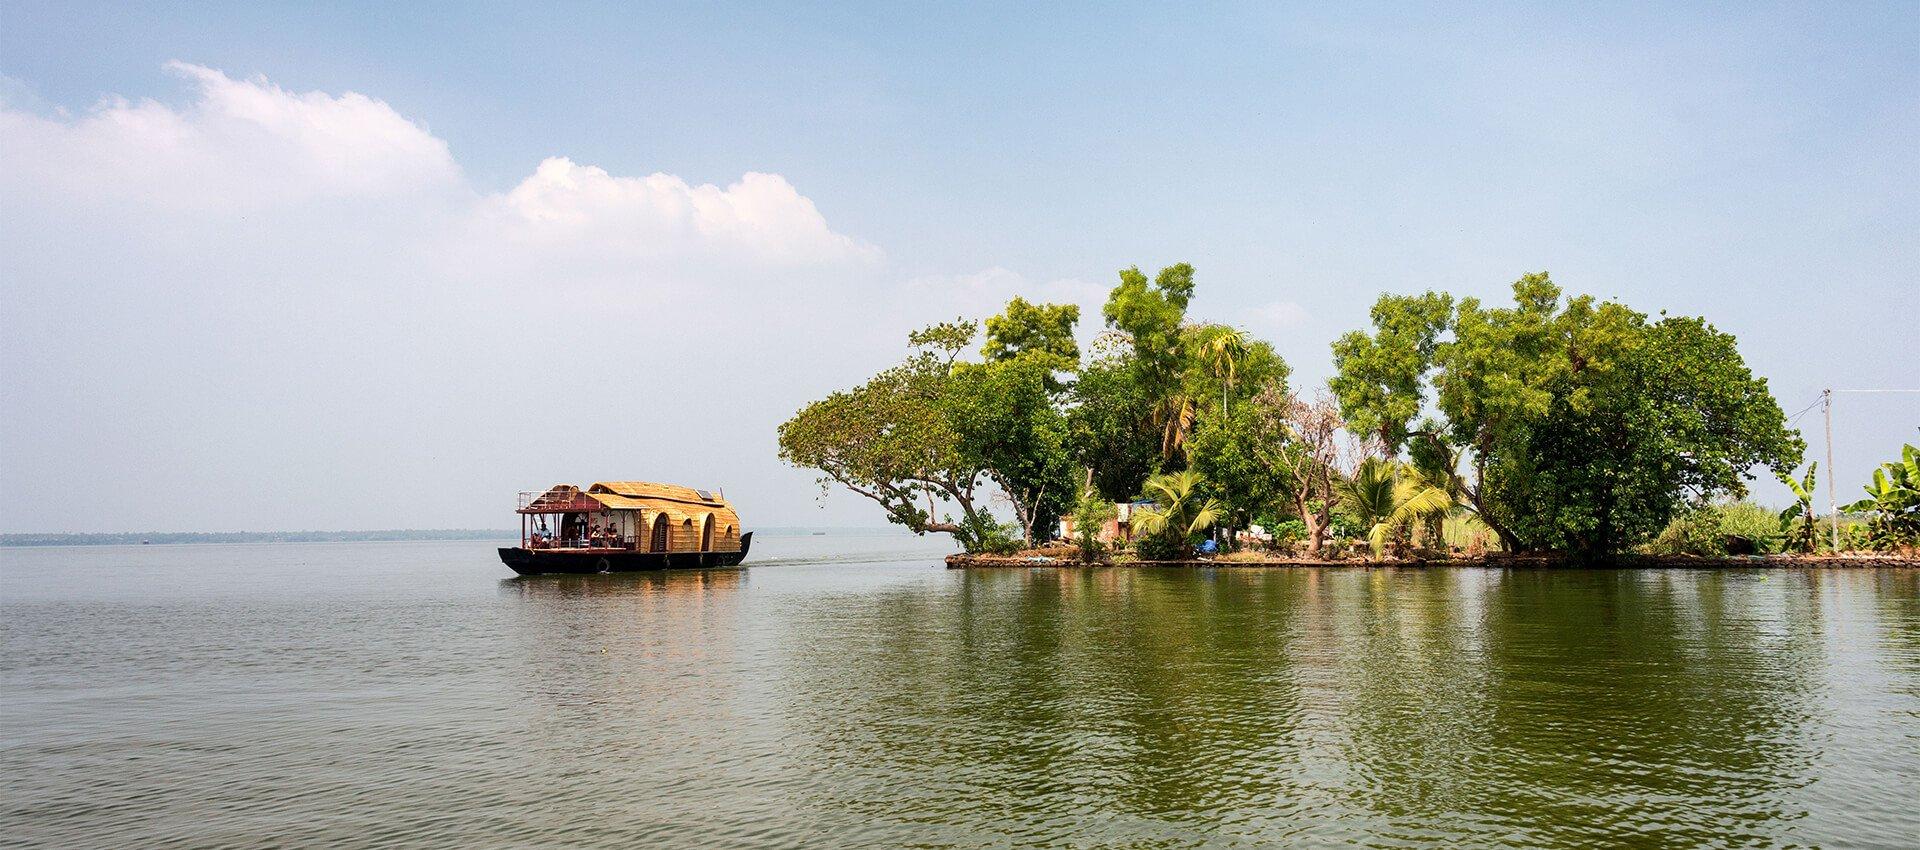 Romantic India